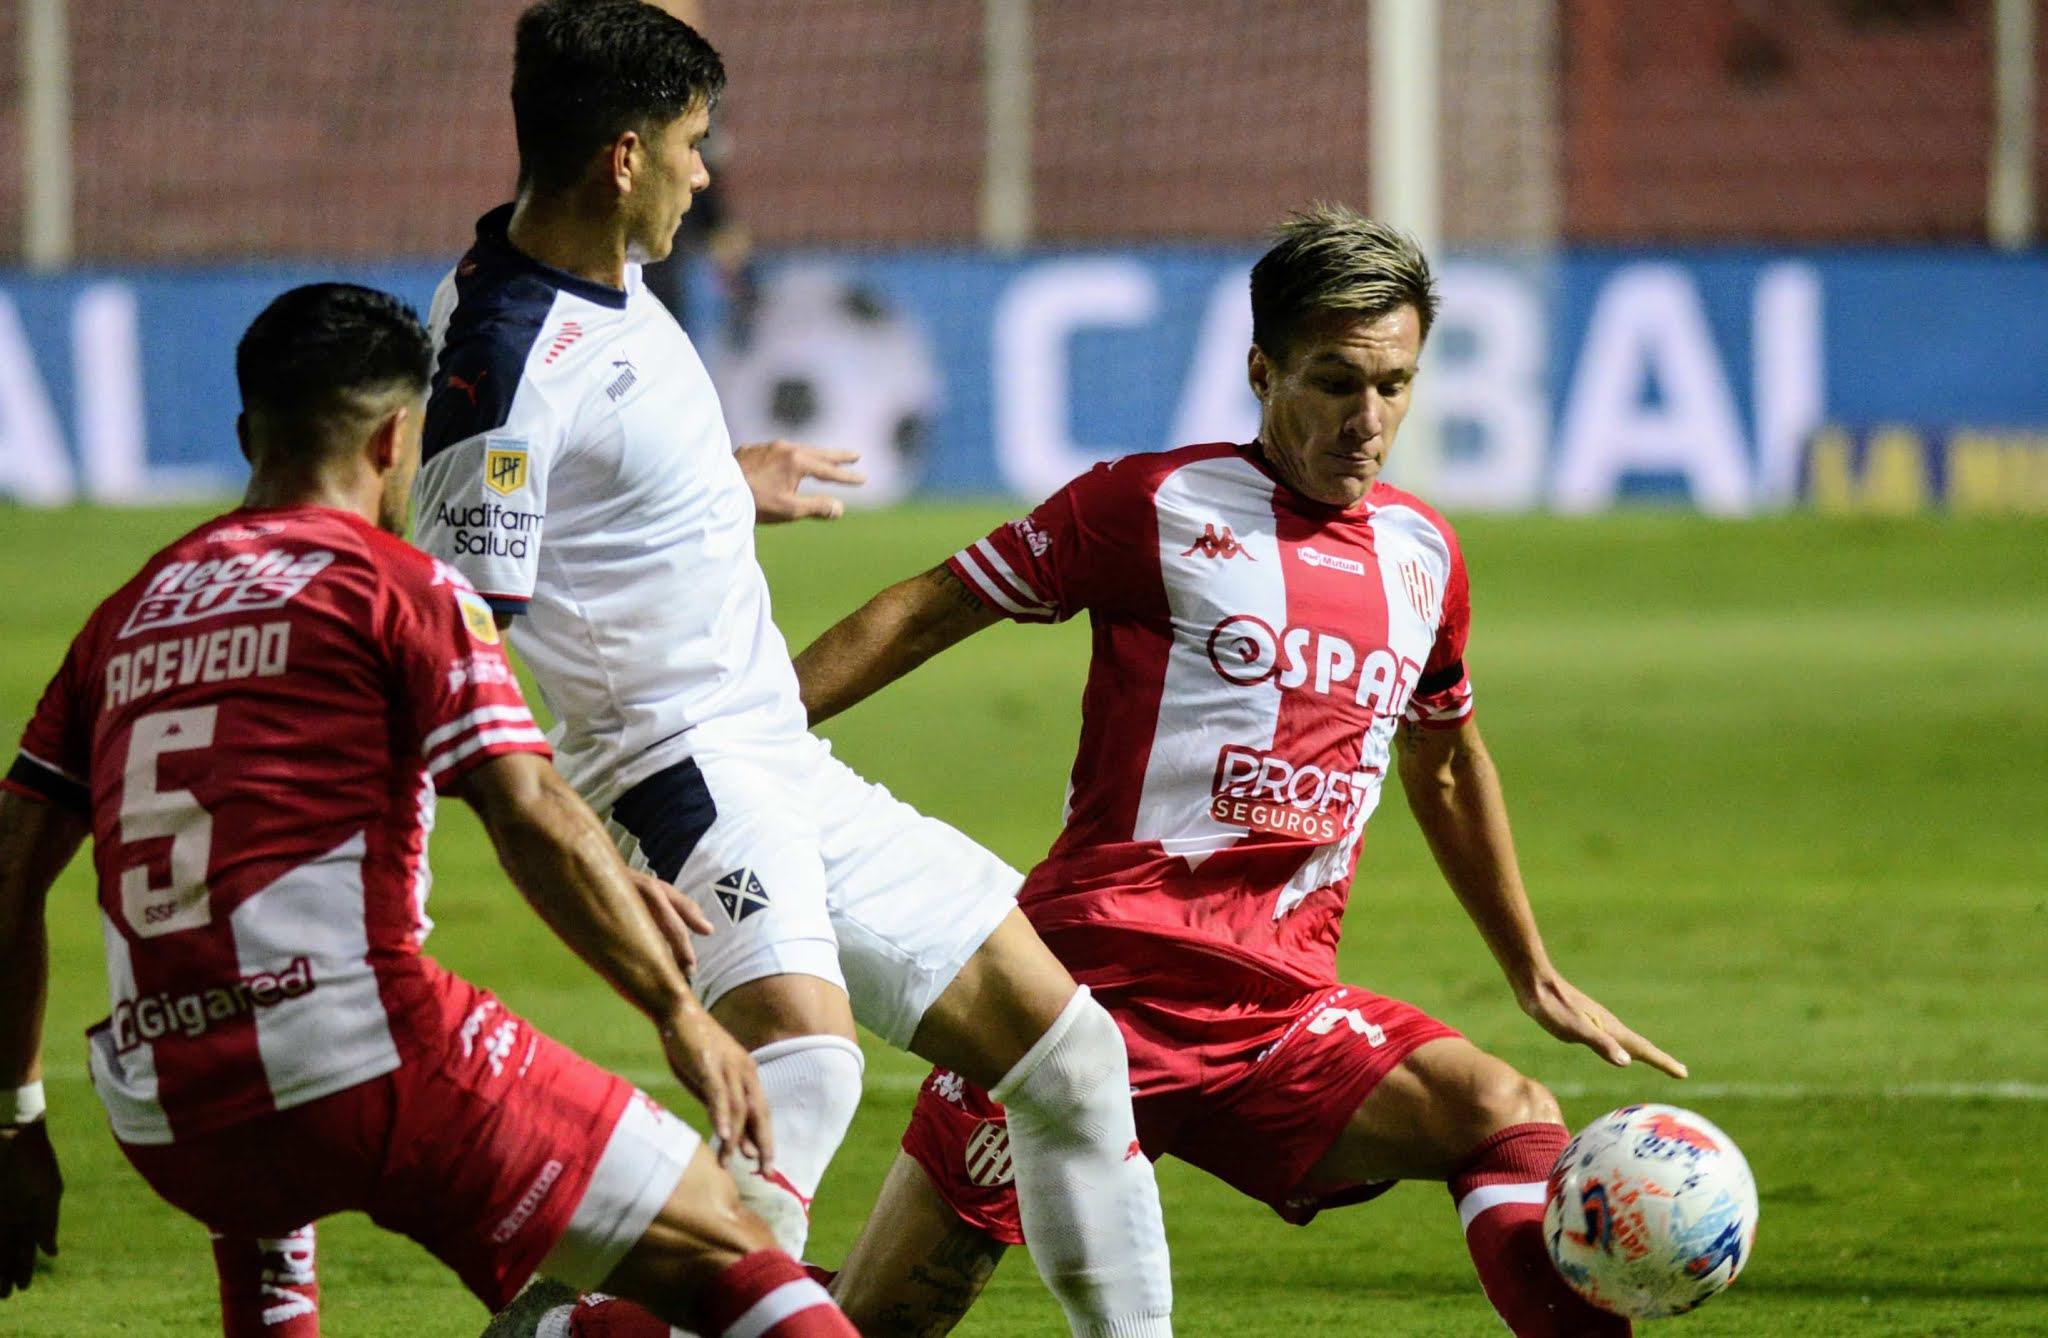 Independiente no pudo con Unión y empataron en un pobre espectáculo